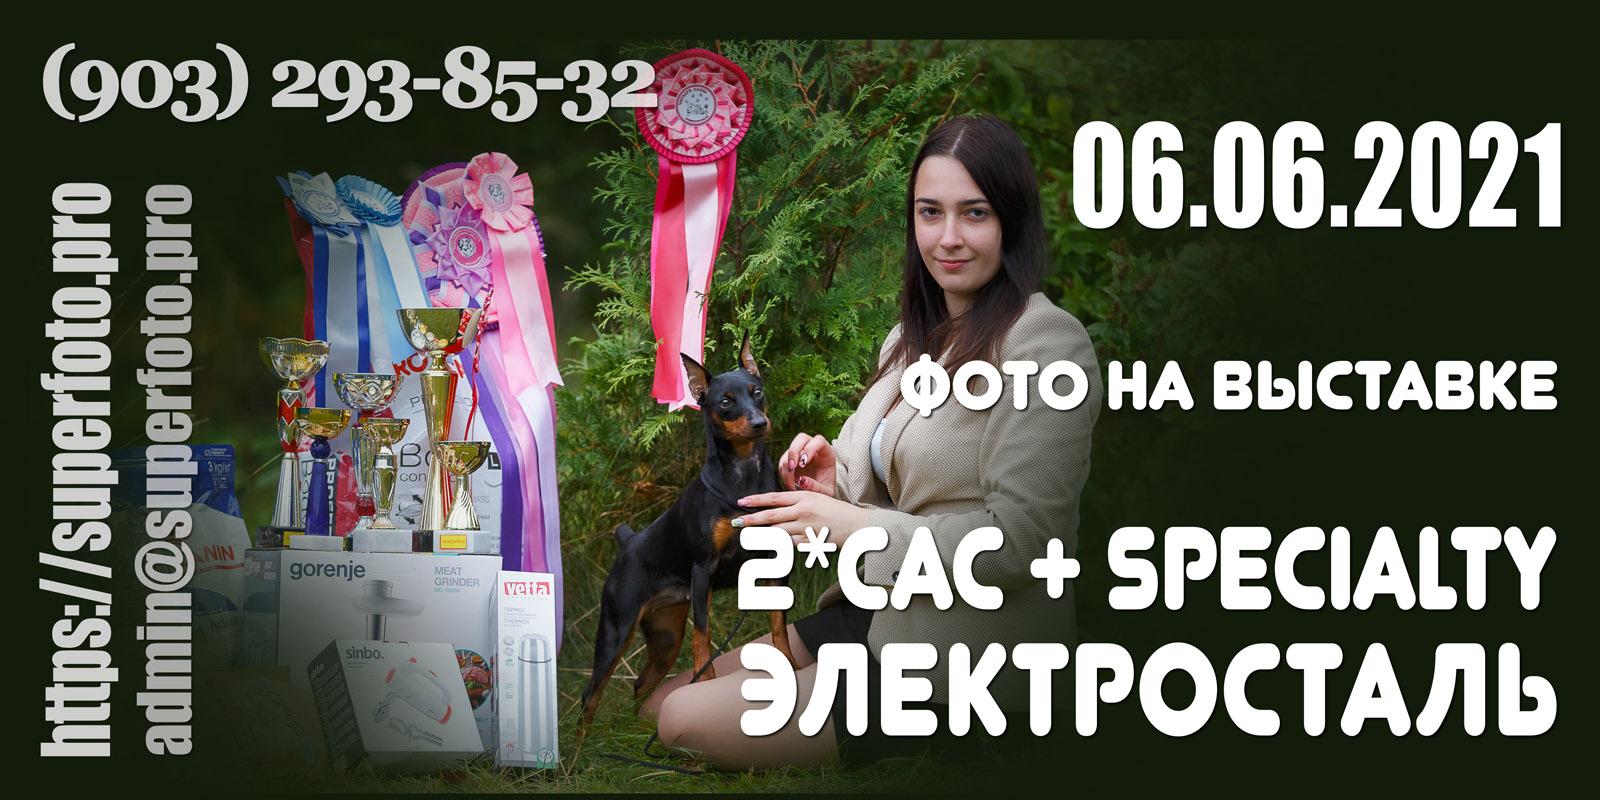 Фото на выставках в Электростали